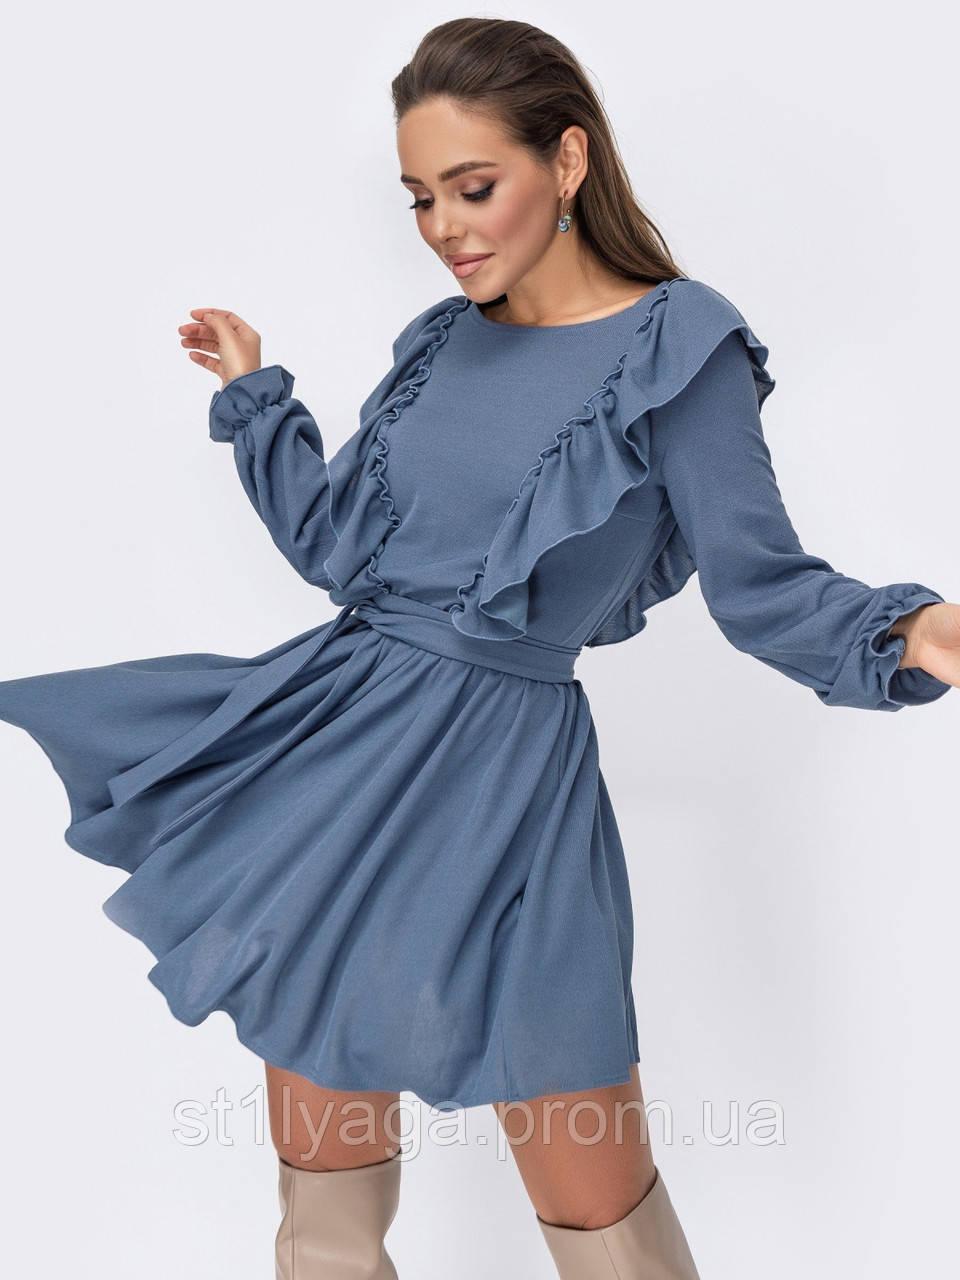 Коротке плаття з рюшами з боків і розкльошеною спідницею